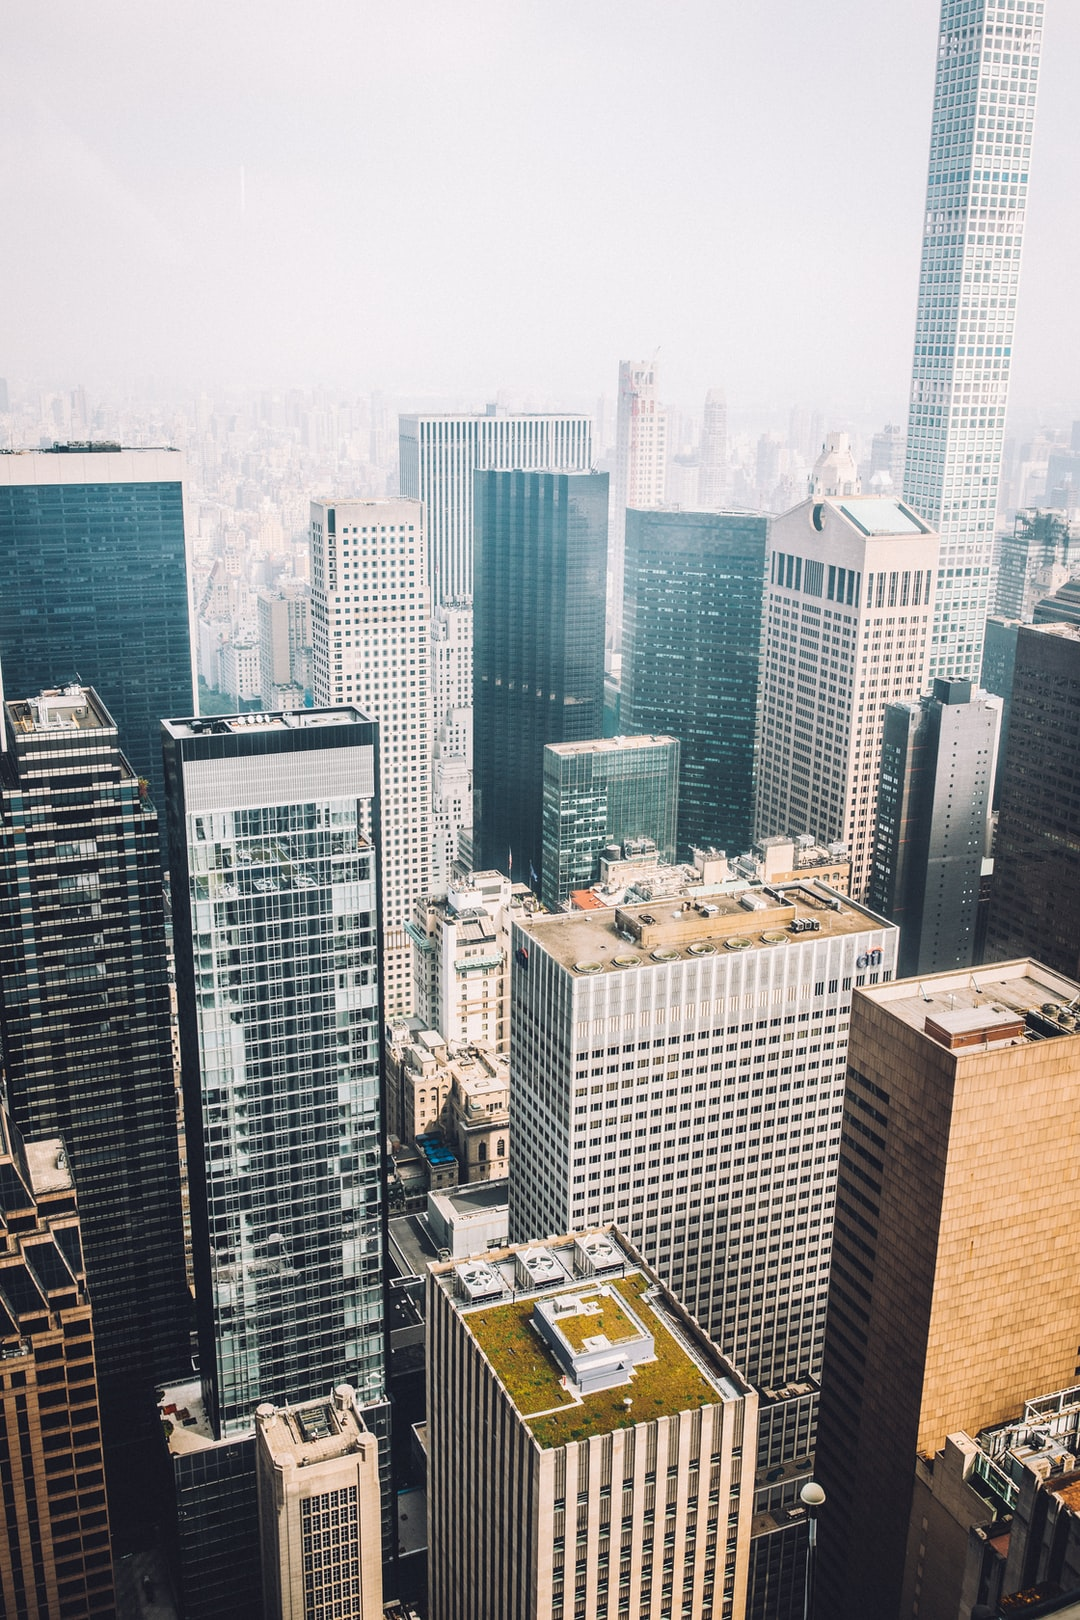 Hvordan skaber vi  Lærende byer?